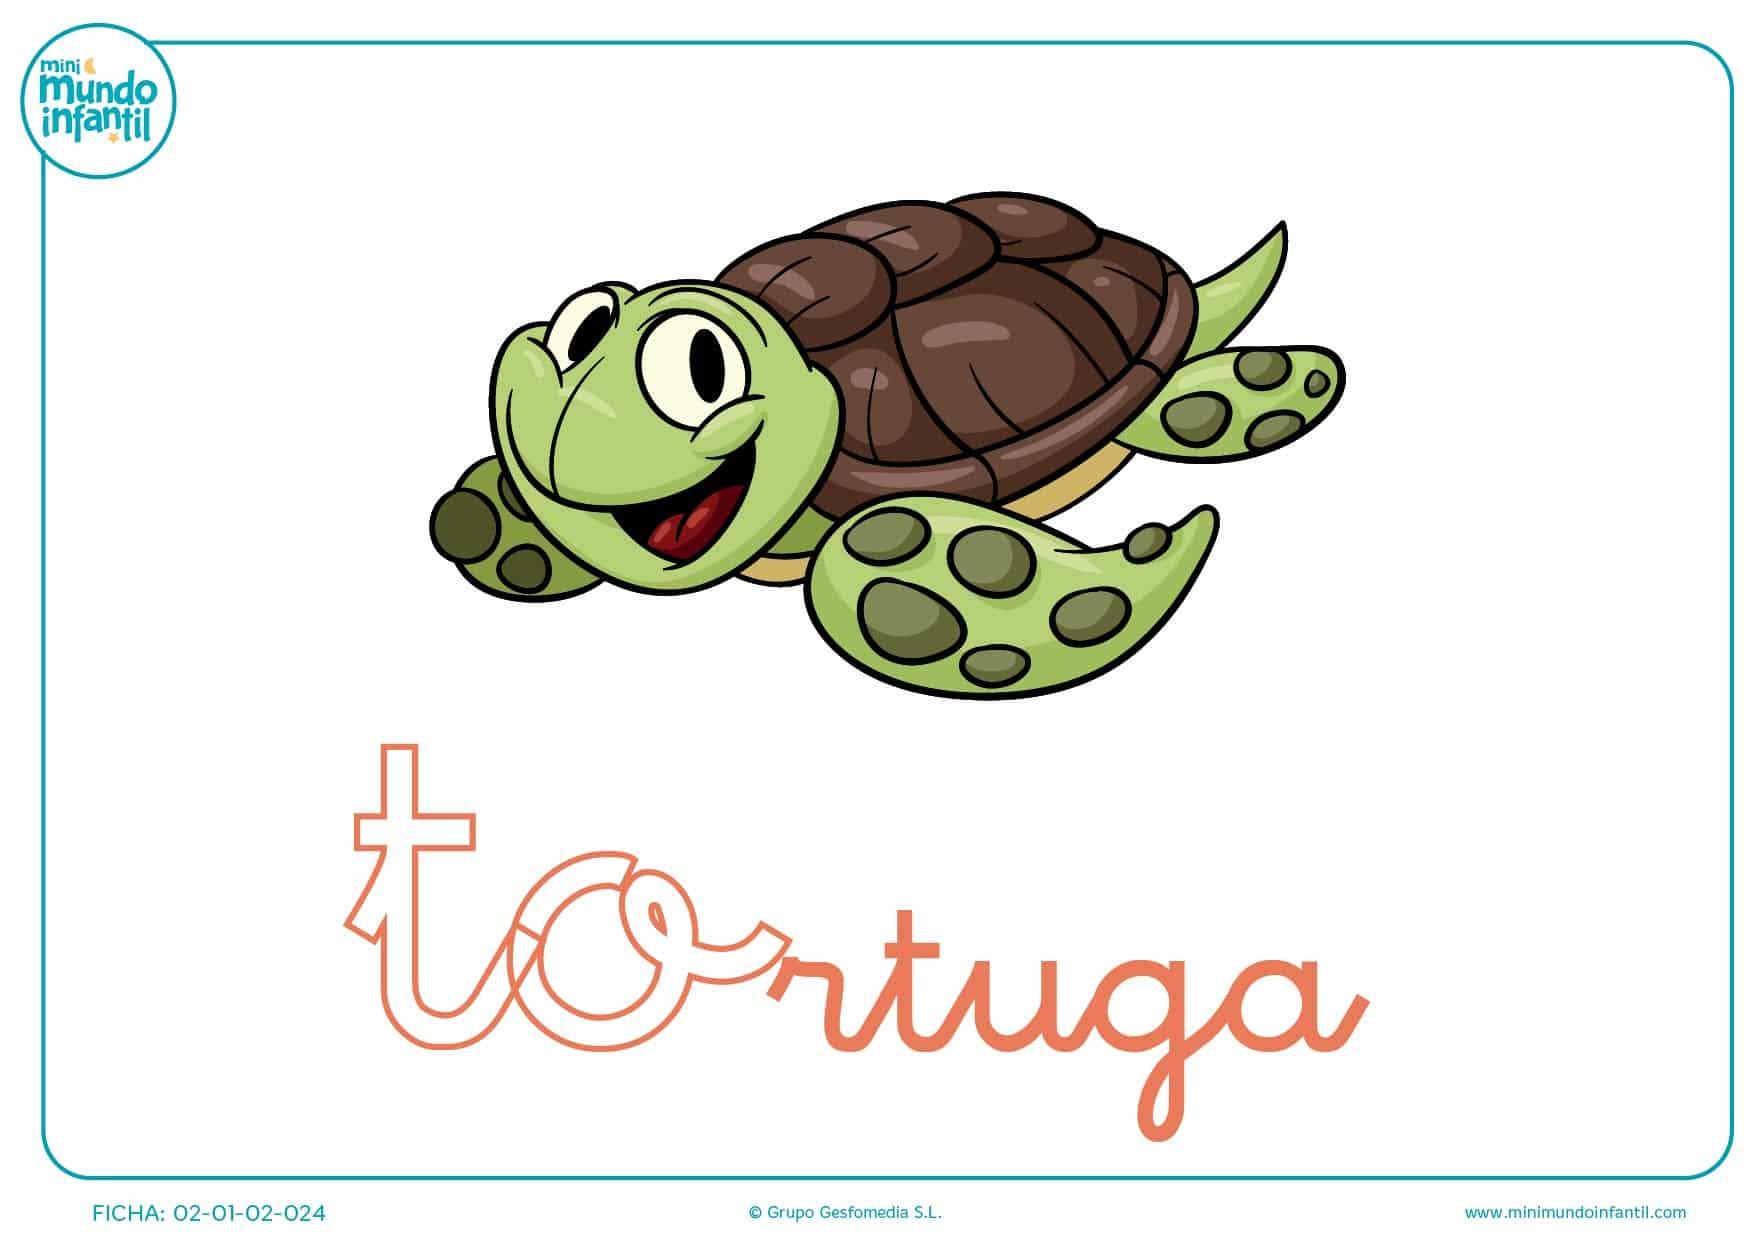 Letras to de tortuga en minúsculas para completar